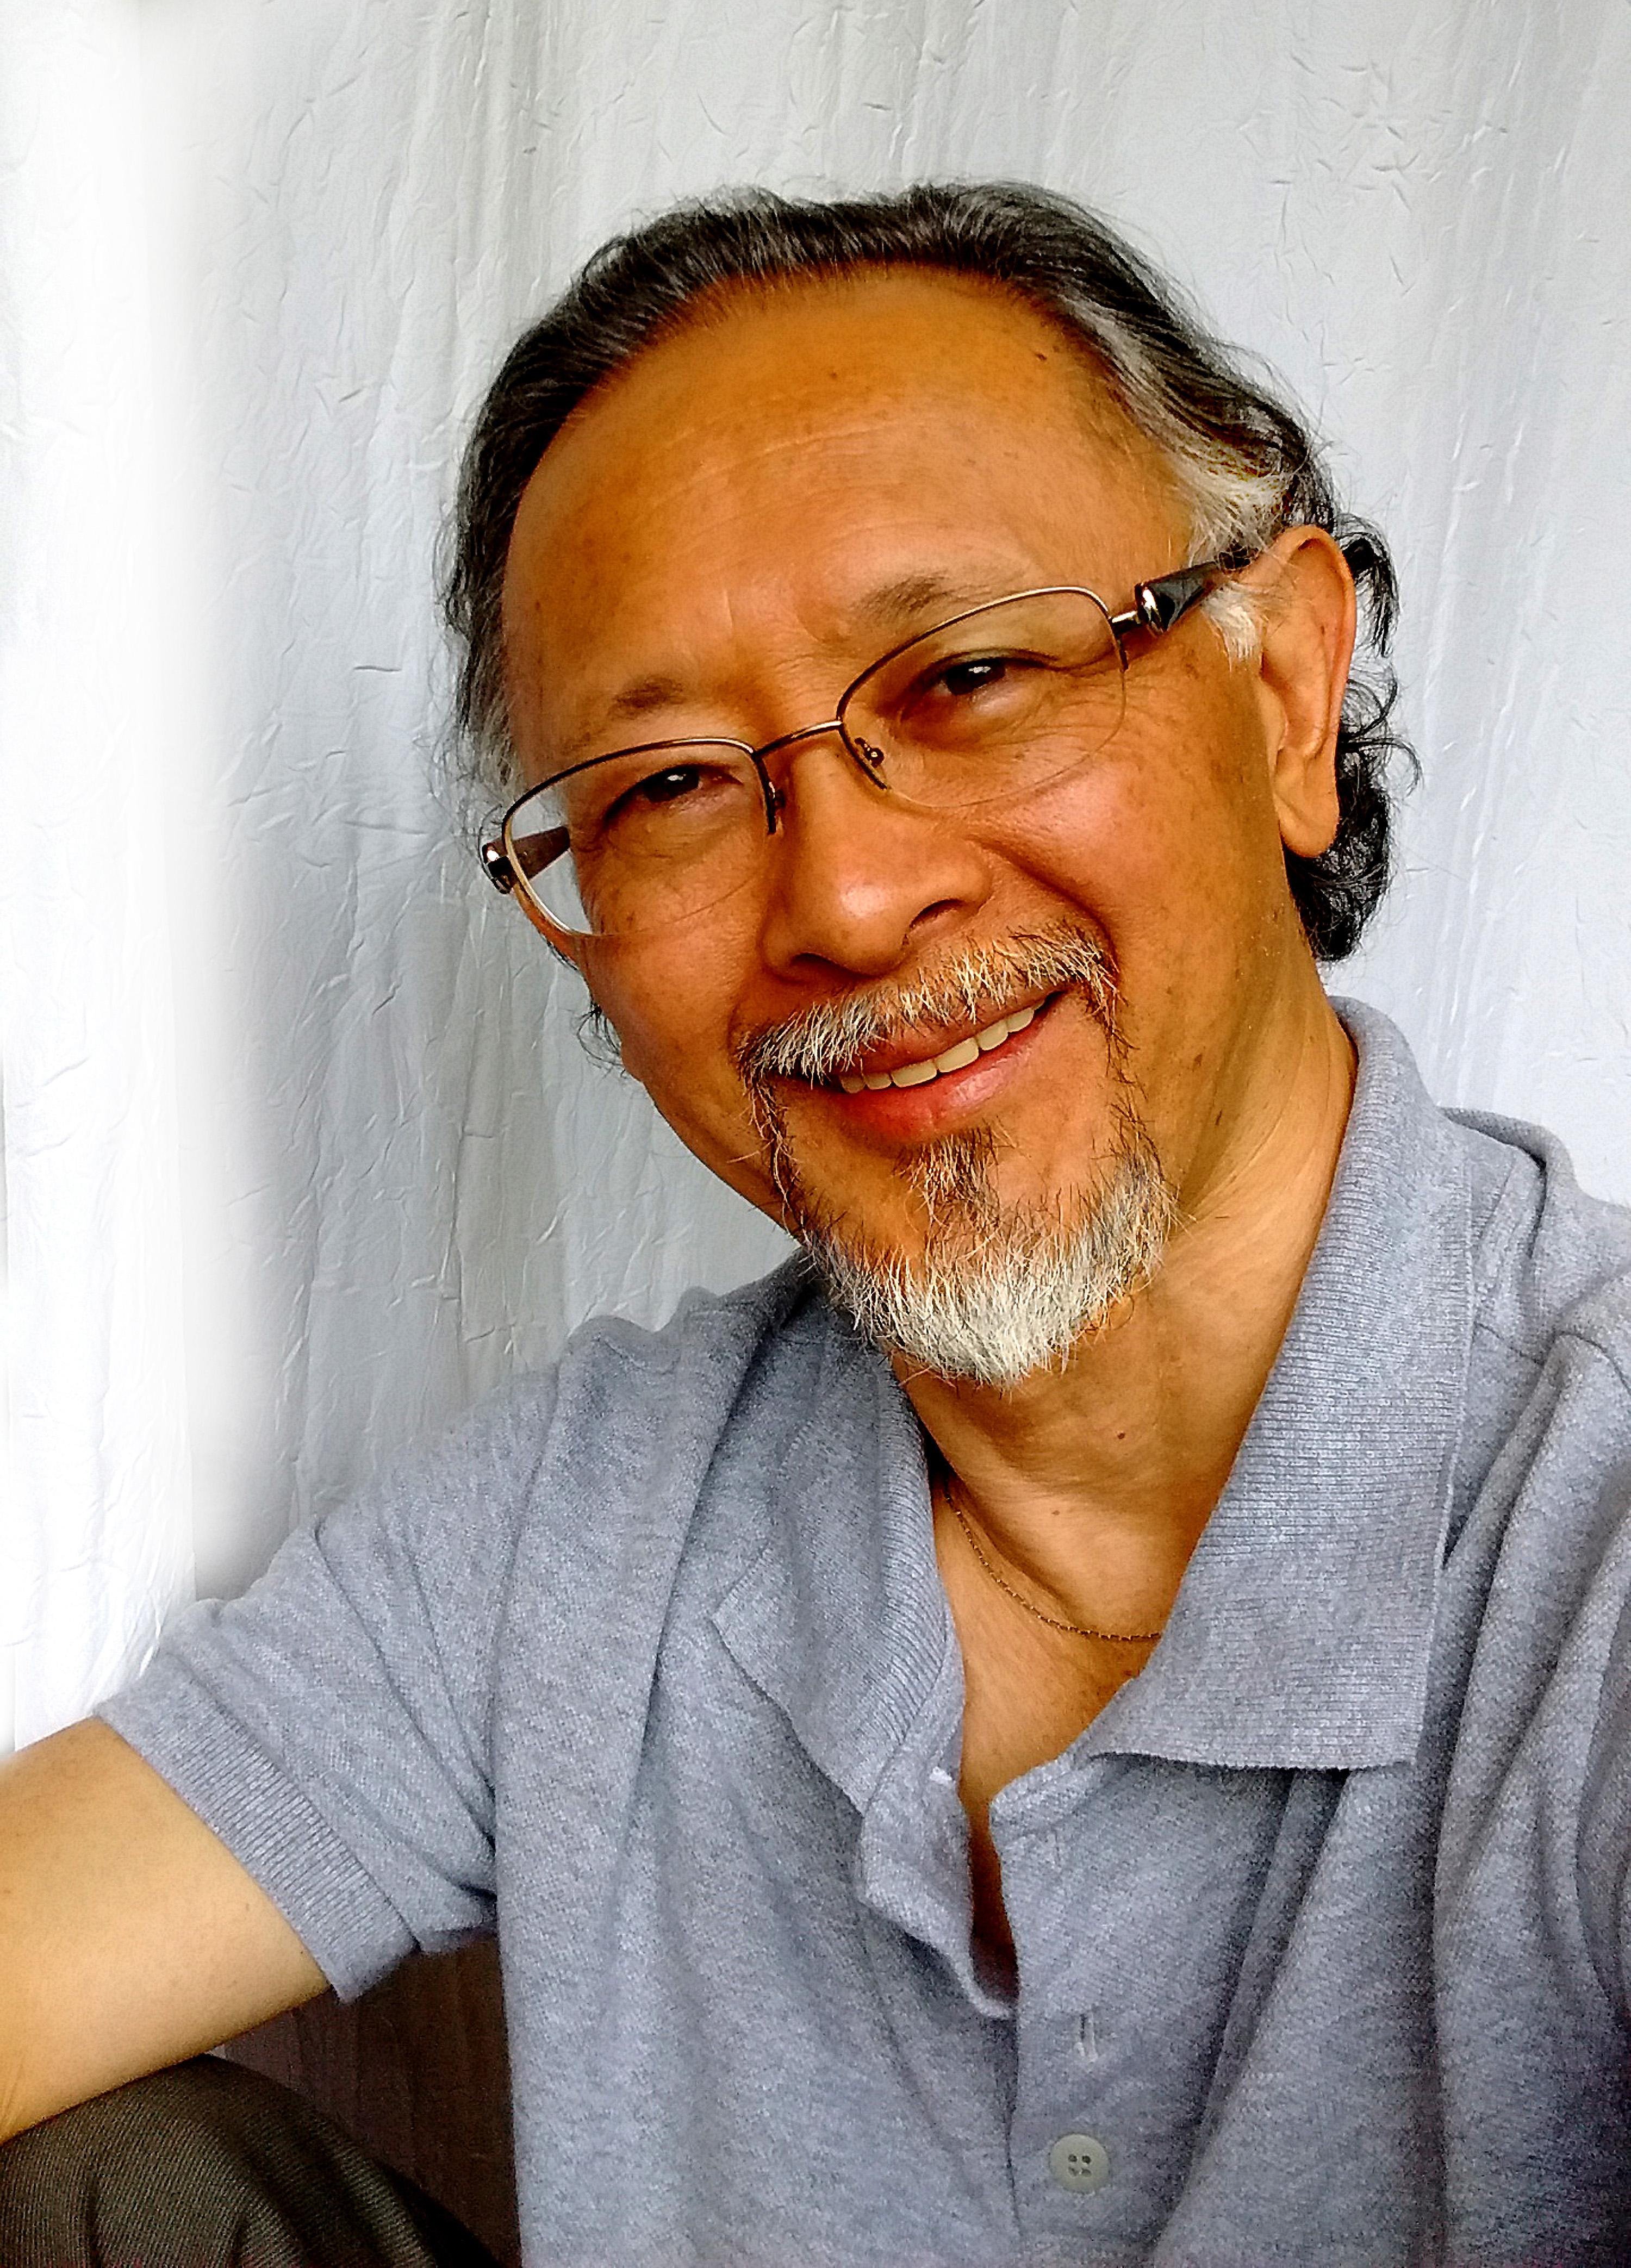 Roberto Otsu